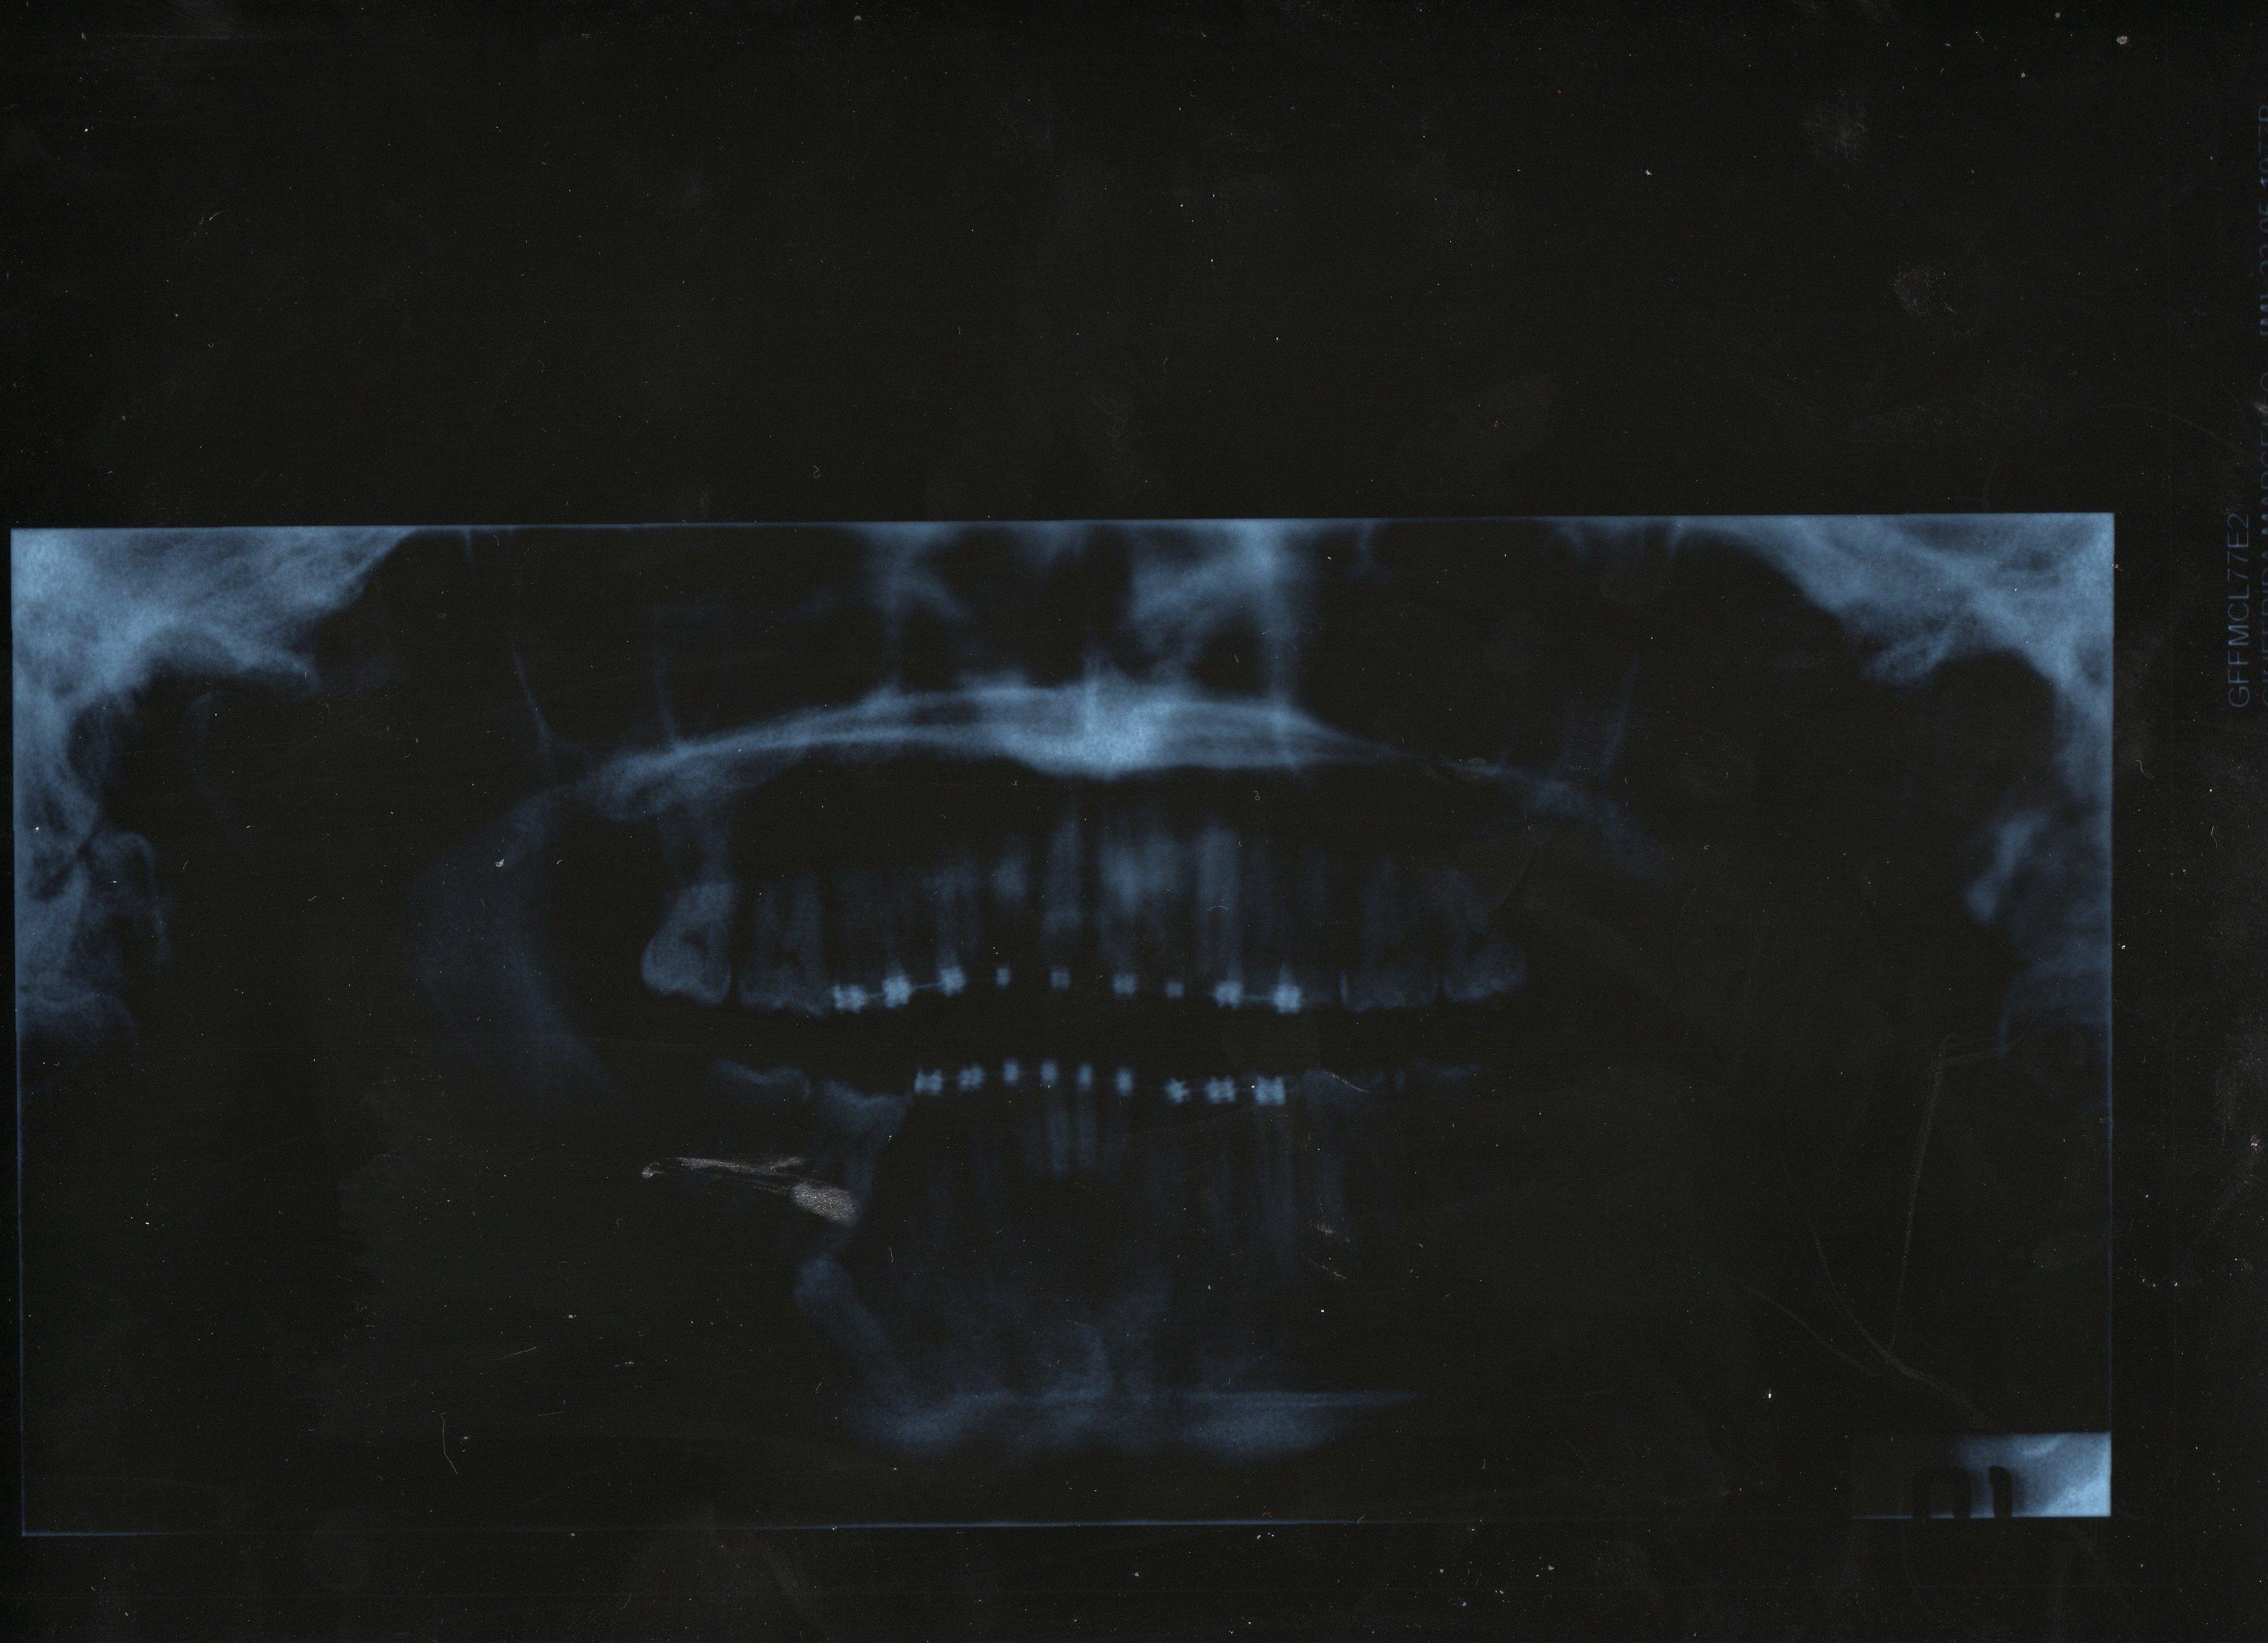 Dopo una panoramica mi sono accorto di avere il 5 dx in disodontiasi incluso con sopra dente da latte anch'esso incluso